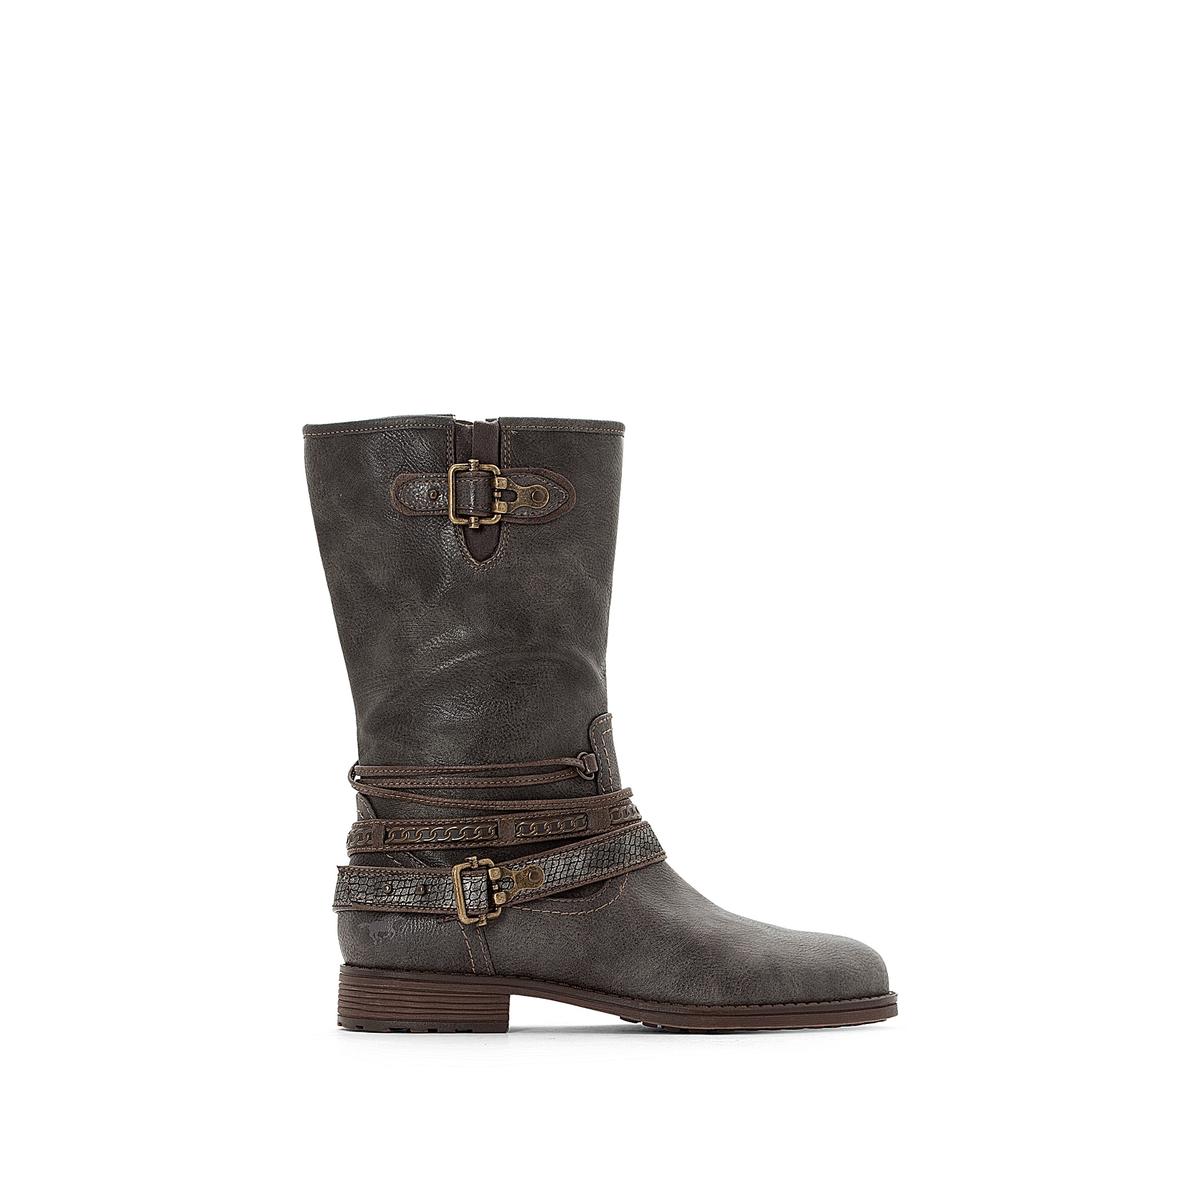 Ботинки в байкерском стиле пальто в байкерском стиле oasis пальто в байкерском стиле